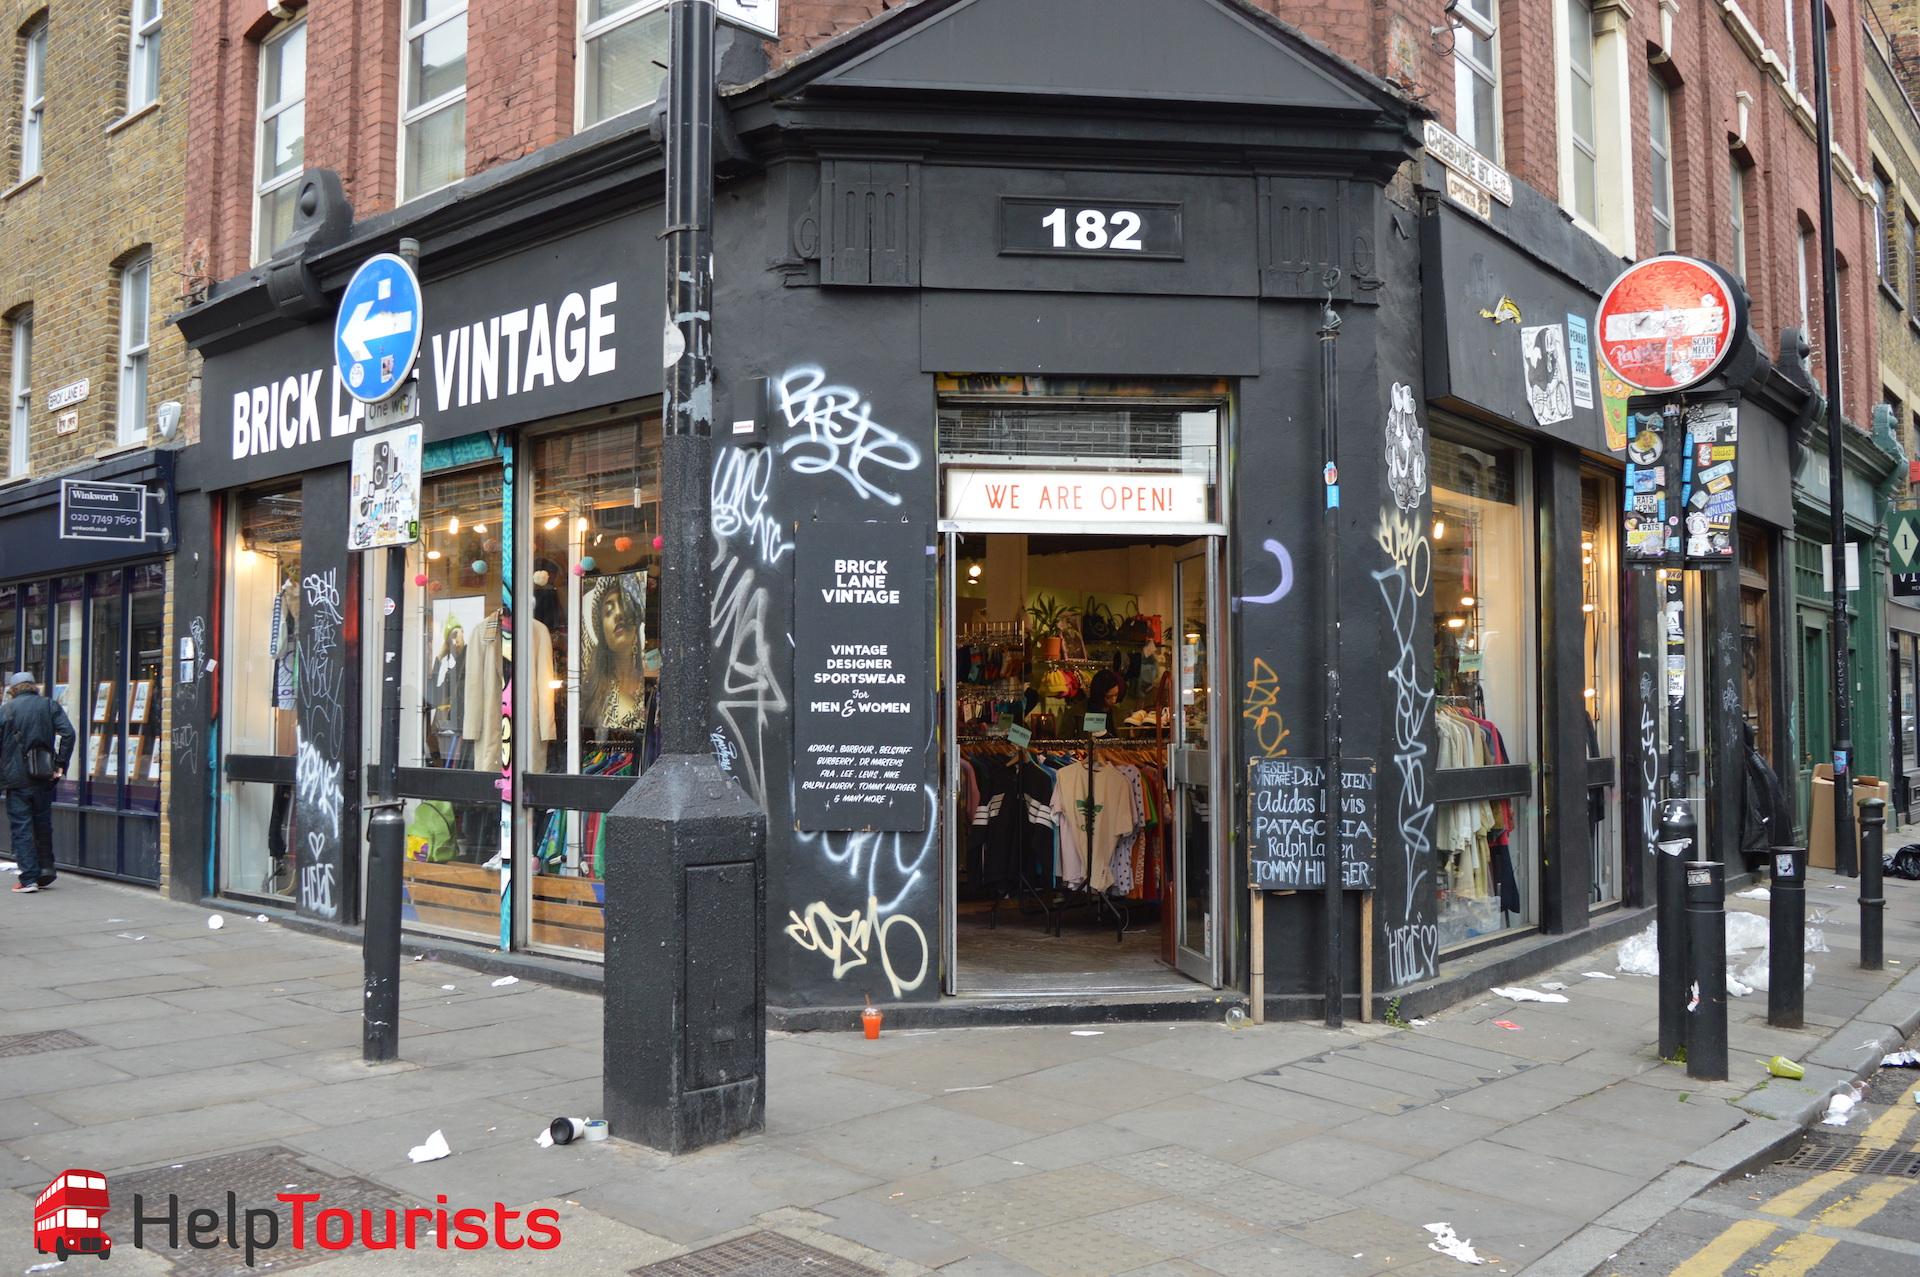 Brick Lane Vintage Geschäft London